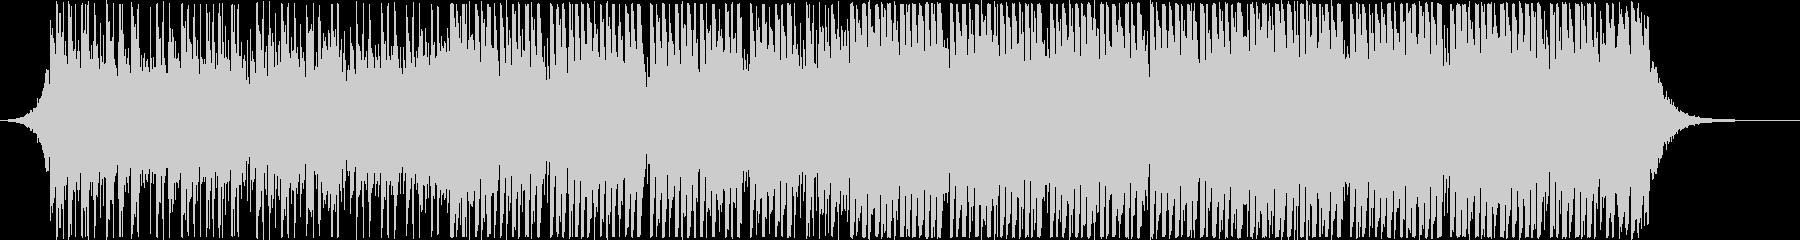 アップリフティングハウス(中)の未再生の波形